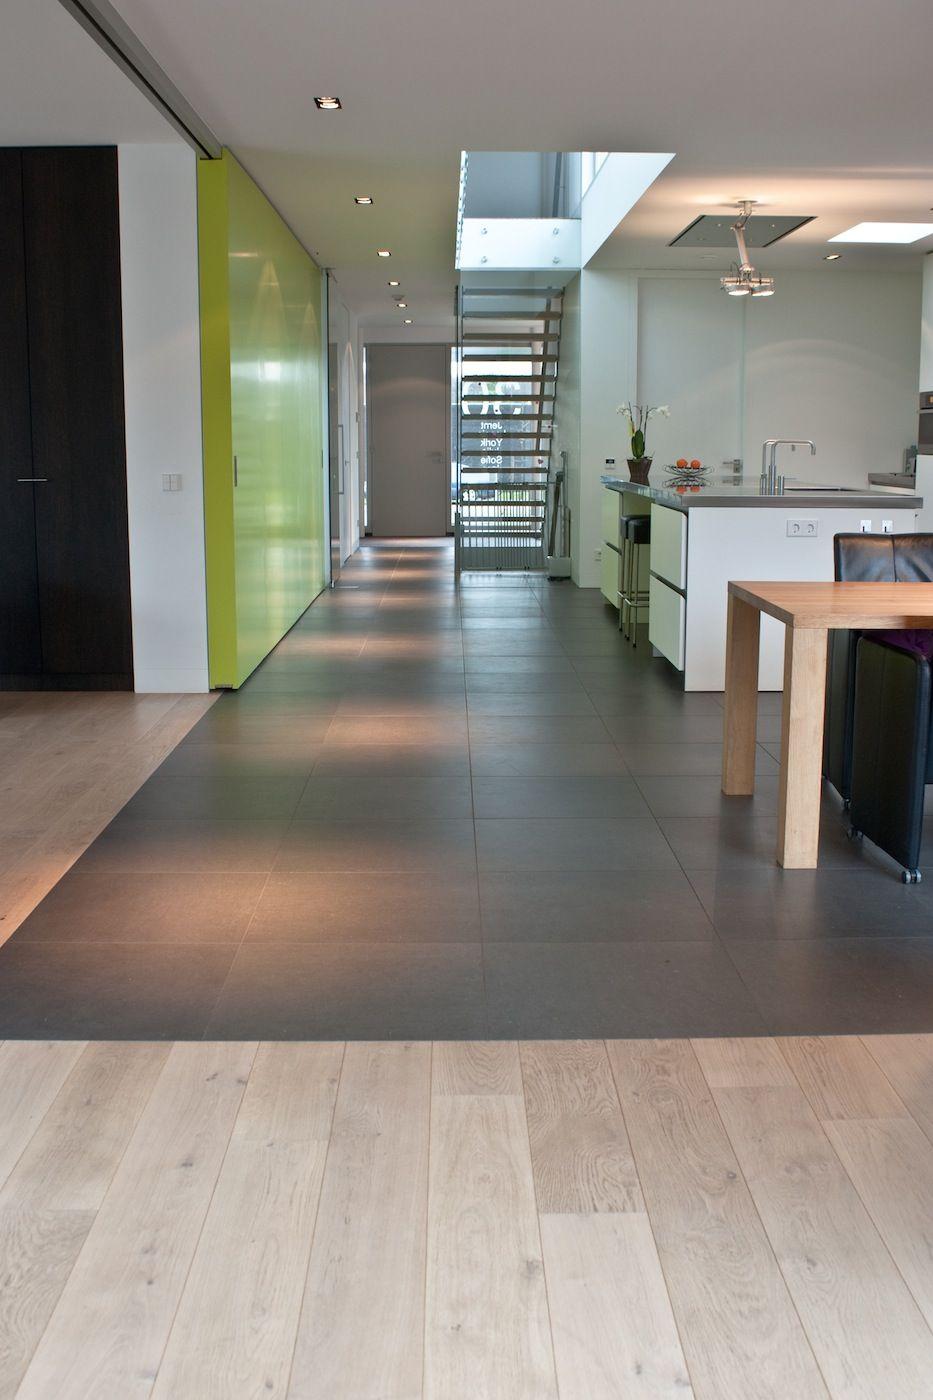 Fesselnd Übergang Küche Wohnzimmer Fußboden Wohnzimmer Böden